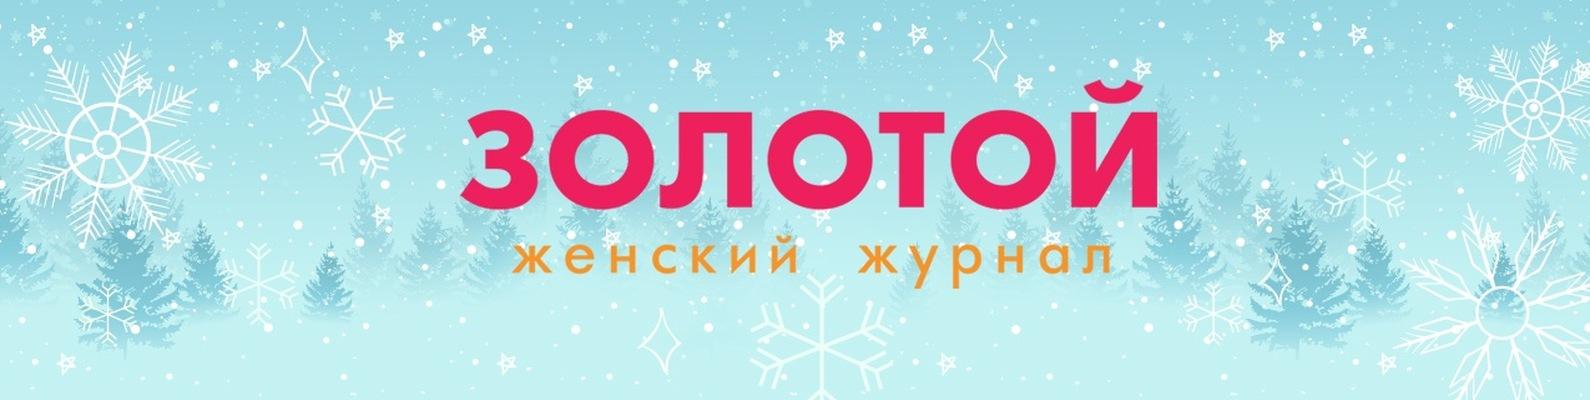 dff98335aafd Журнал ЗОЛОТОЙ   ВКонтакте